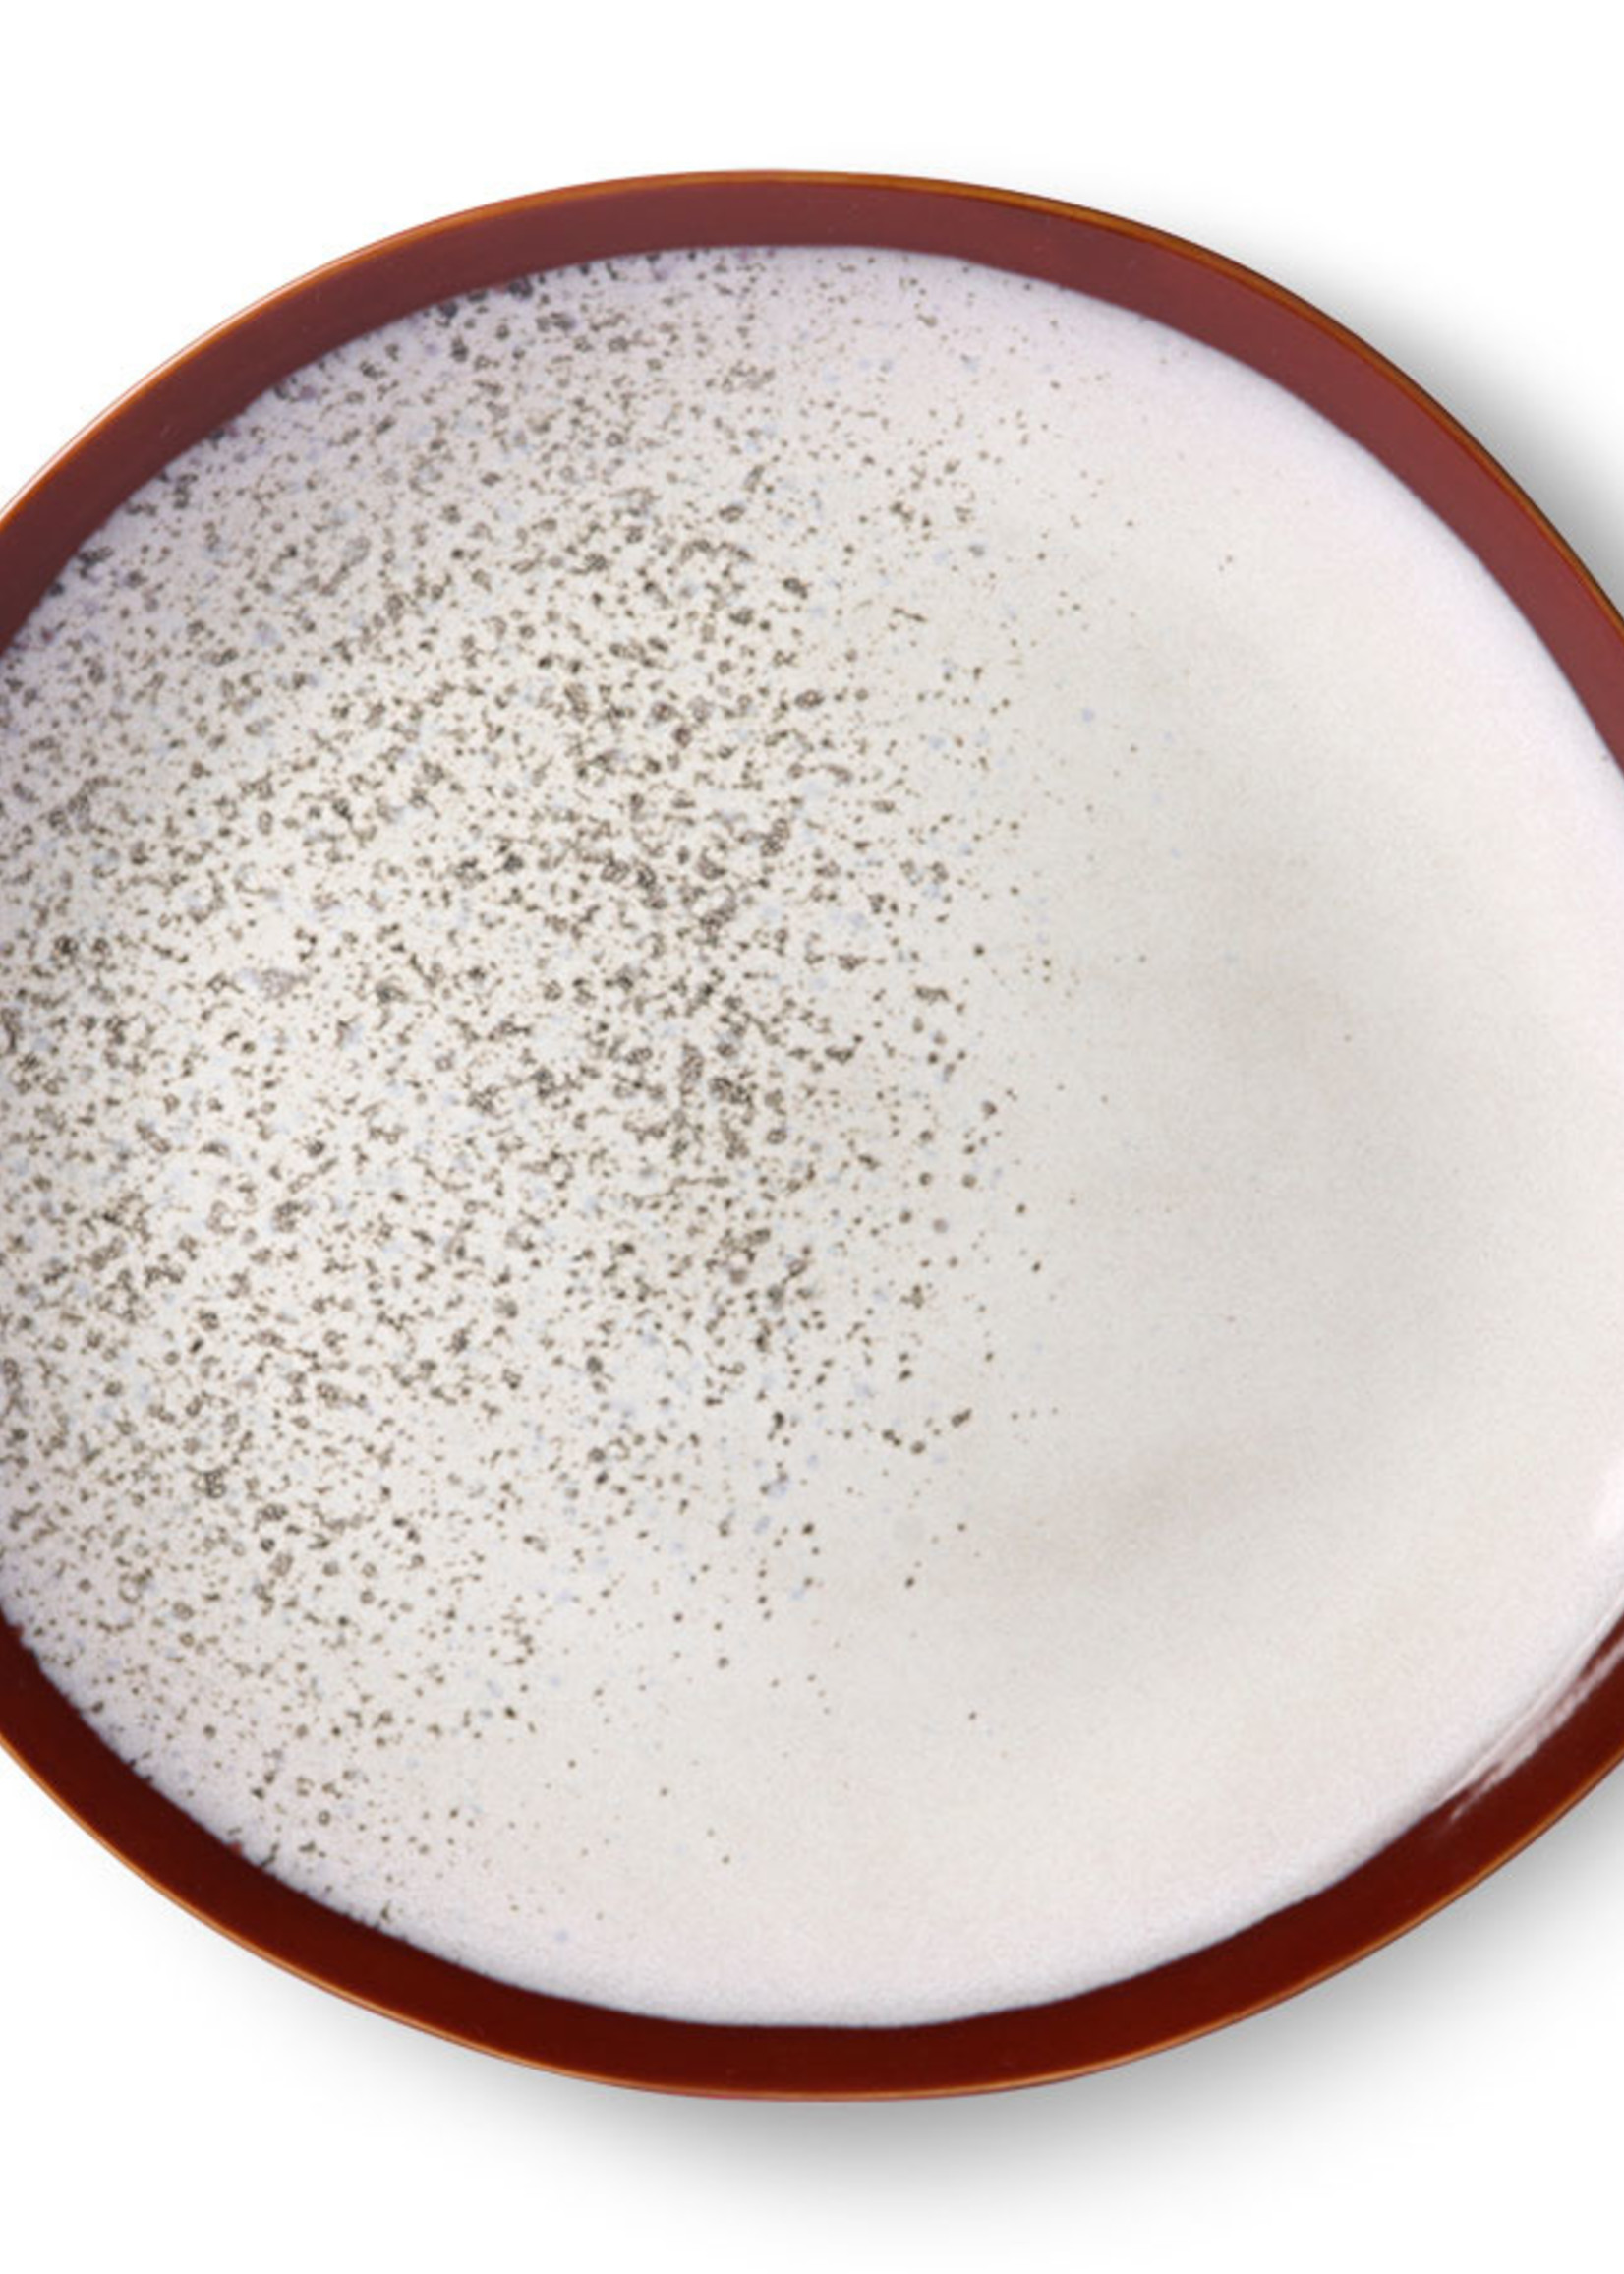 HK living Ceramic 70's dinner plate: frost